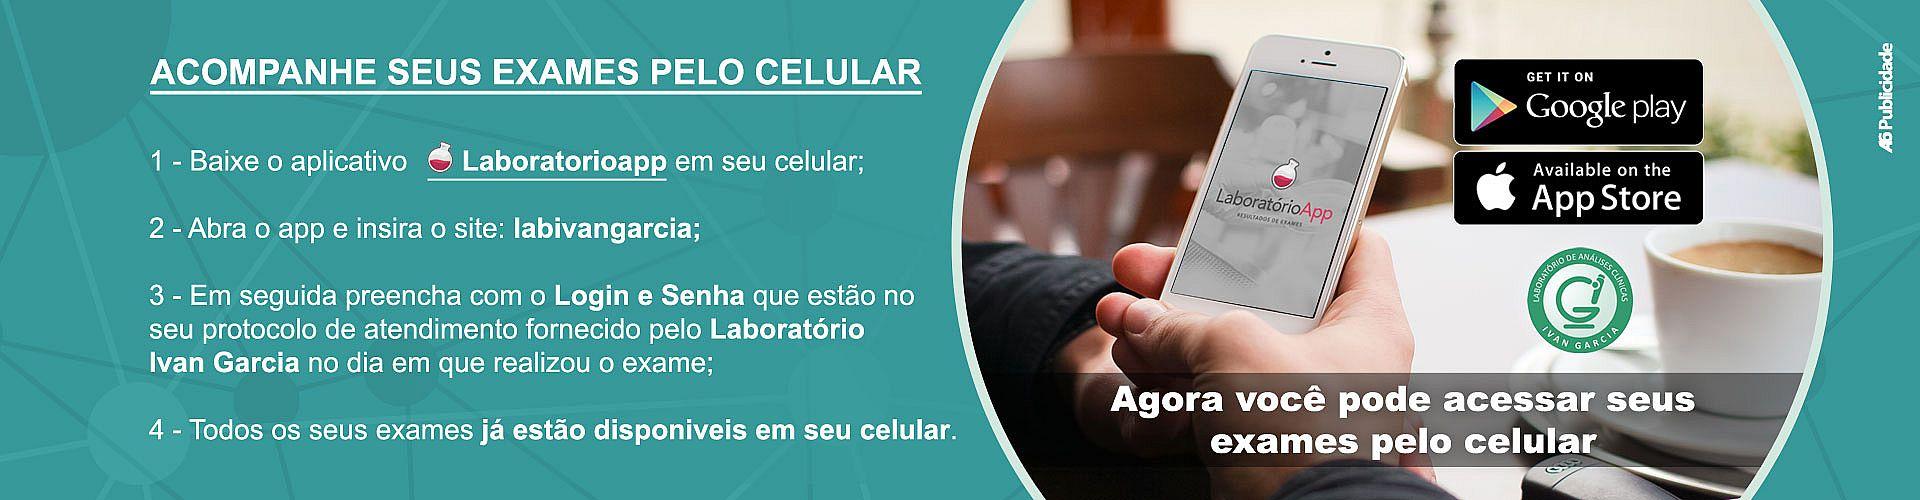 Aplicativo Laboratorio App, veja seus exames no celular